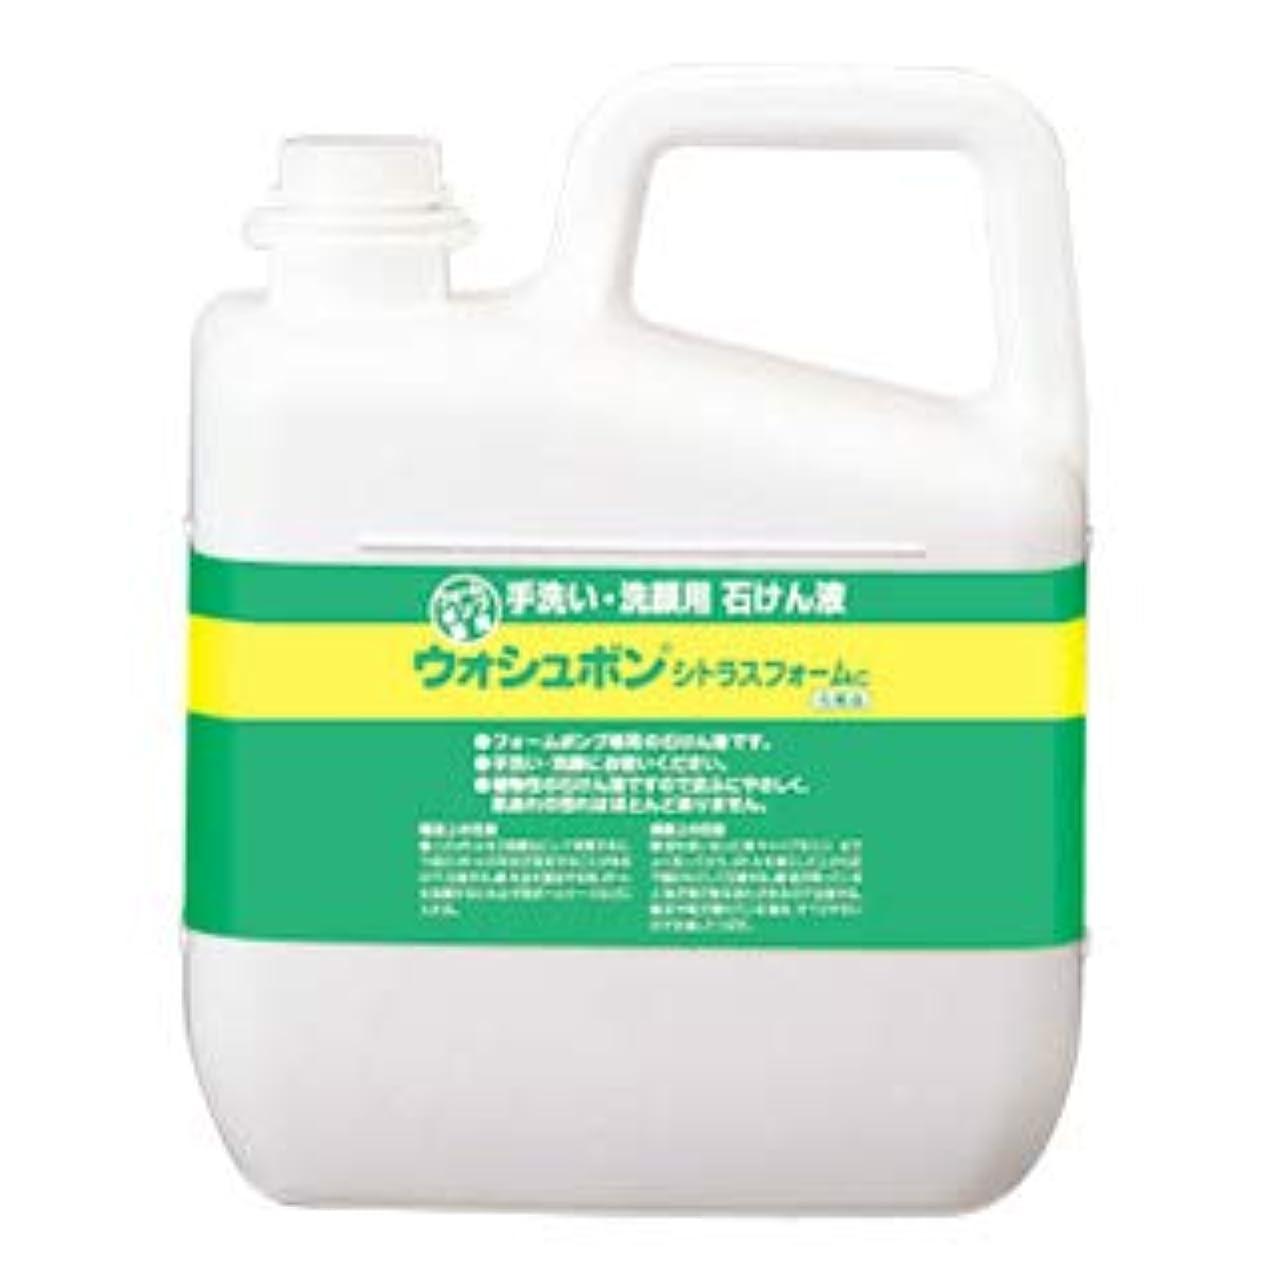 効能パン屋ドラムサラヤ ウォシュボン 手洗い用石けん液 ウォシュボンシトラスフォームC 5kg